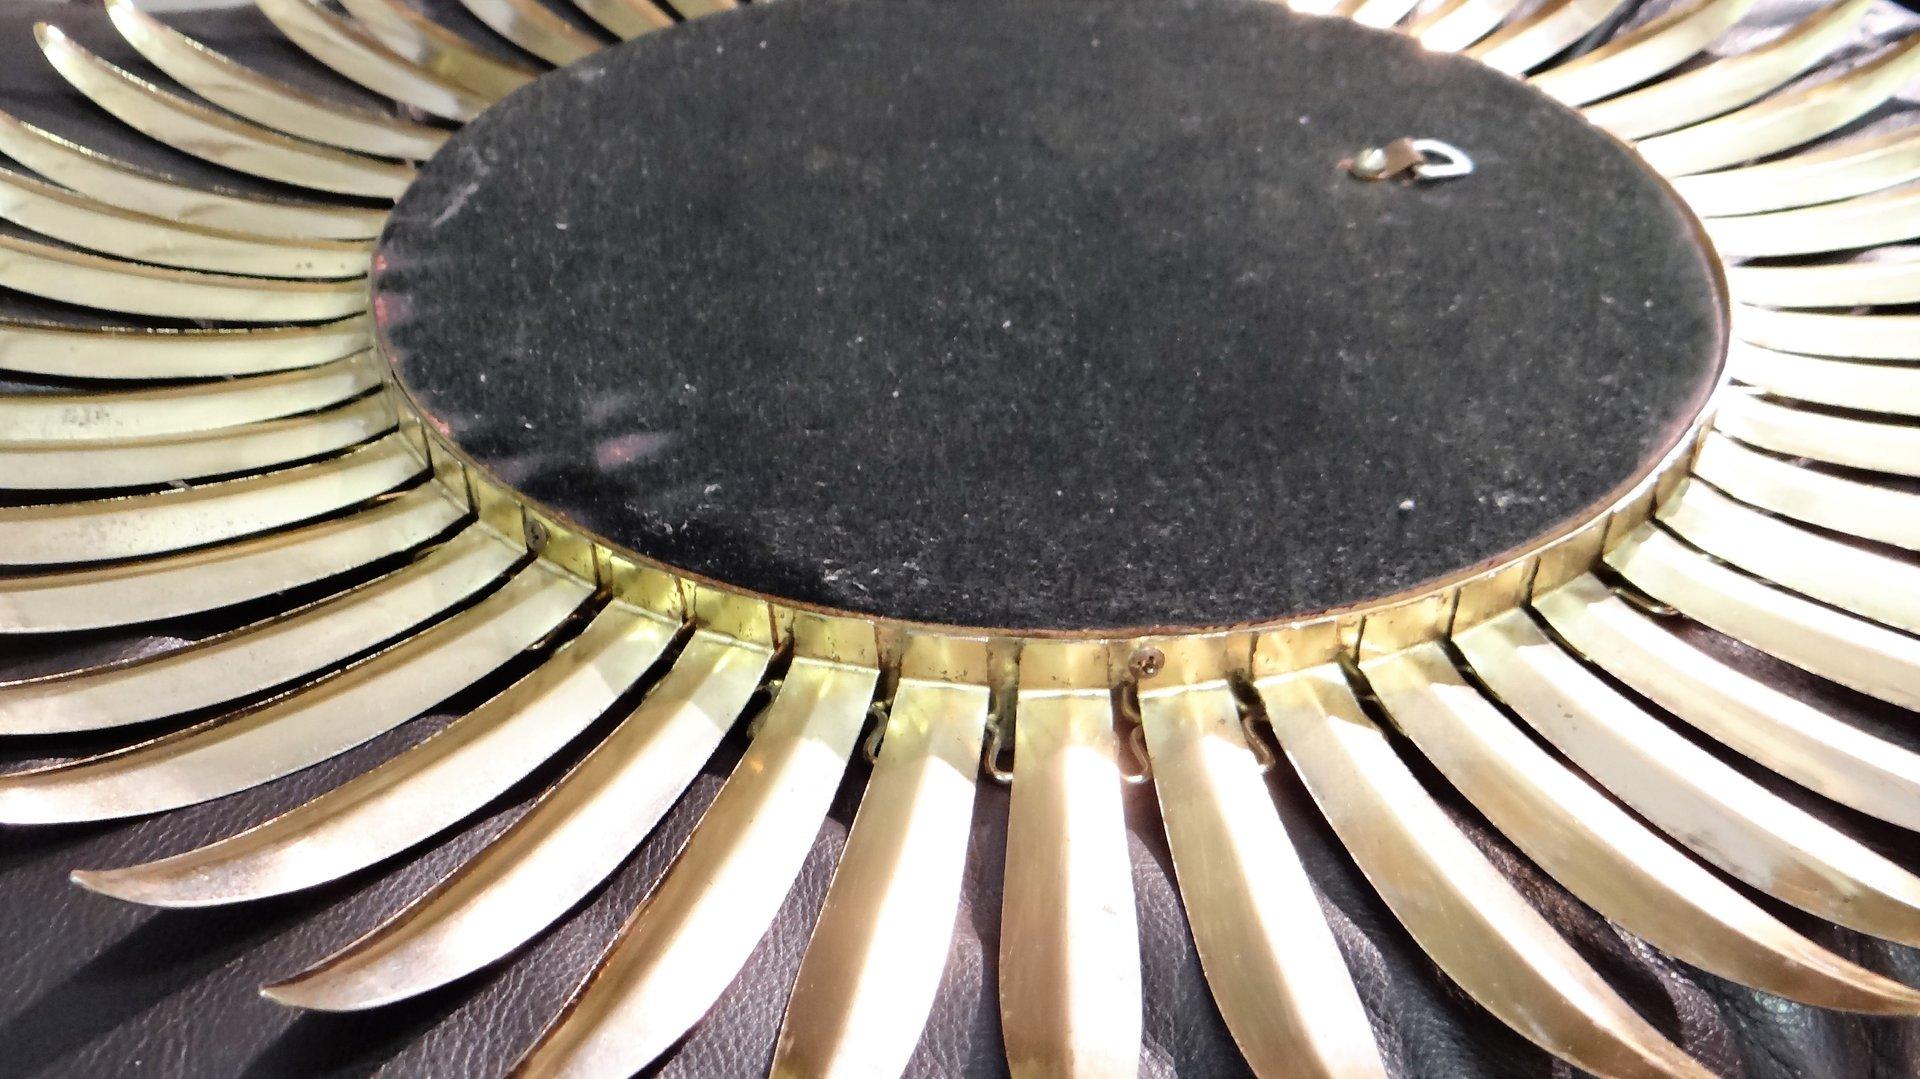 Miroir convexe vintage dor en laiton en vente sur pamono for Miroir convexe achat